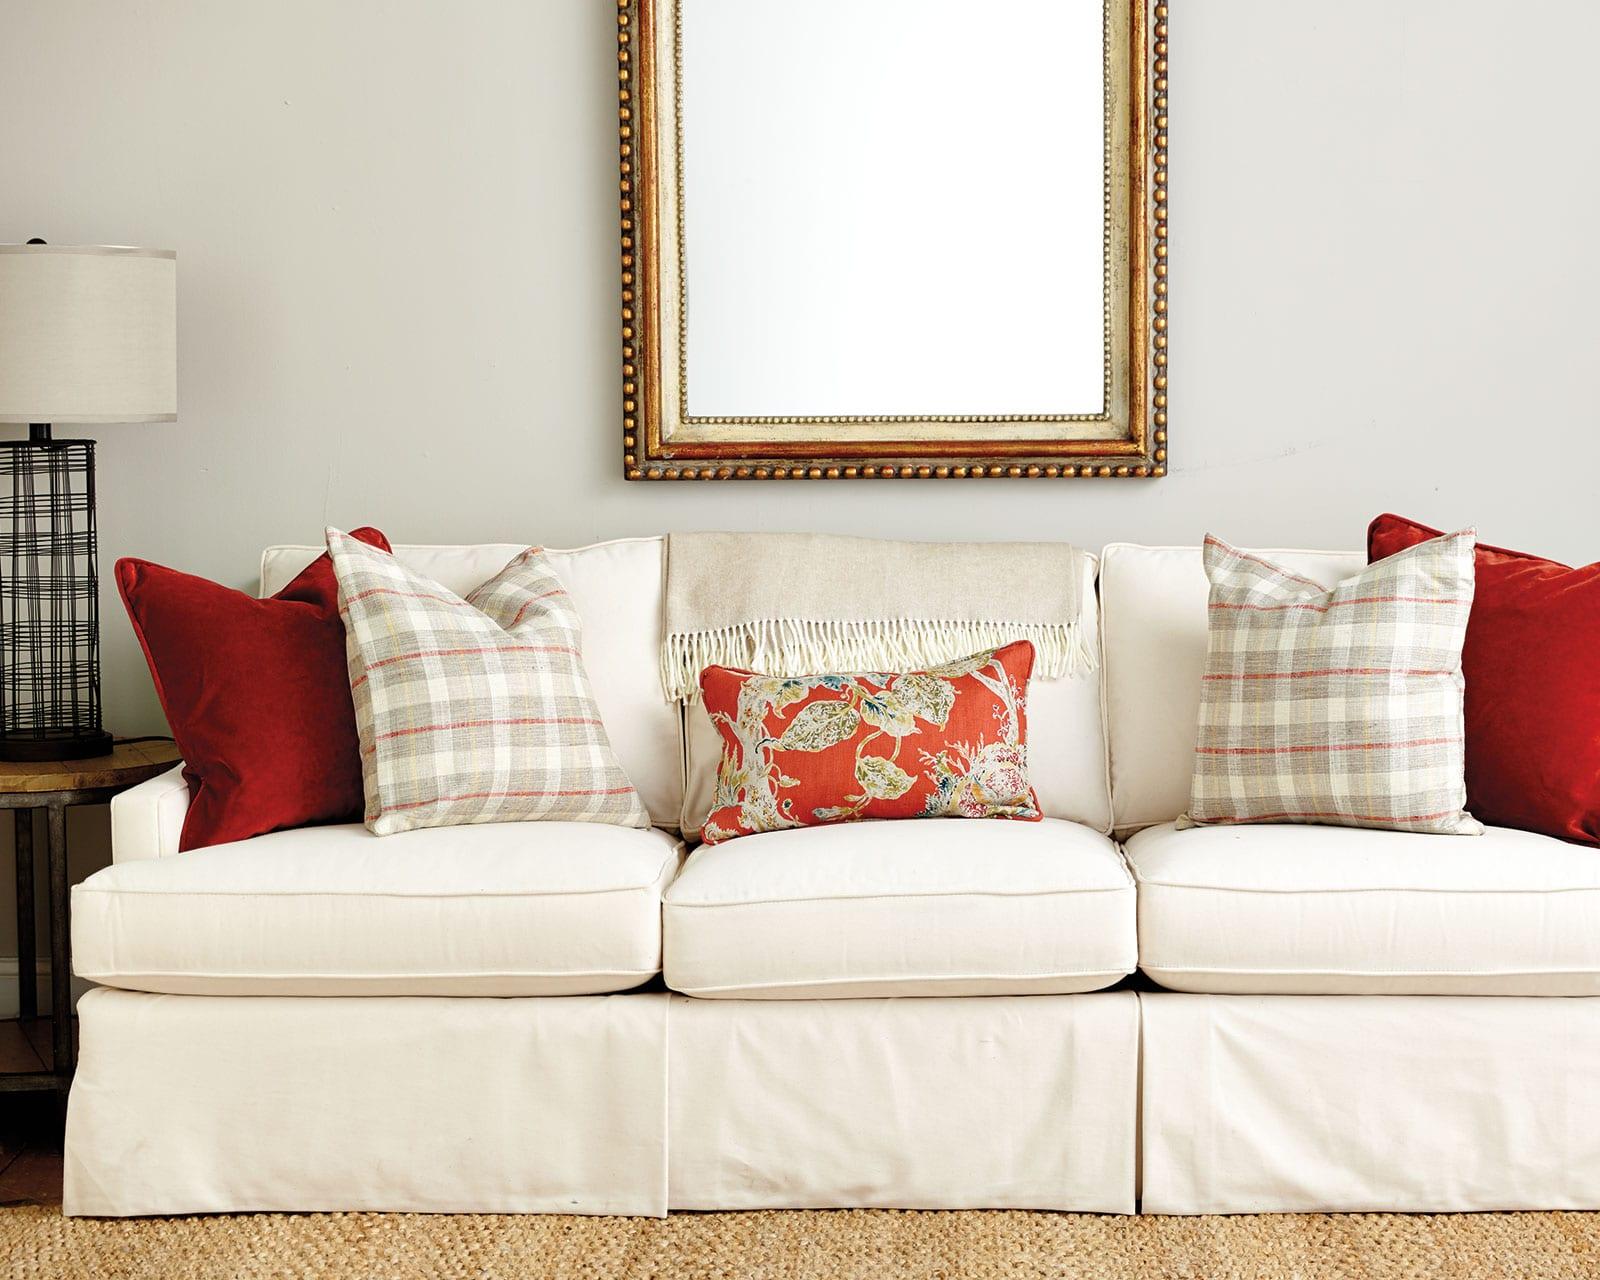 بهترین سرویس مبلمان برای منزل شما چه ویژگی هایی دارد؟